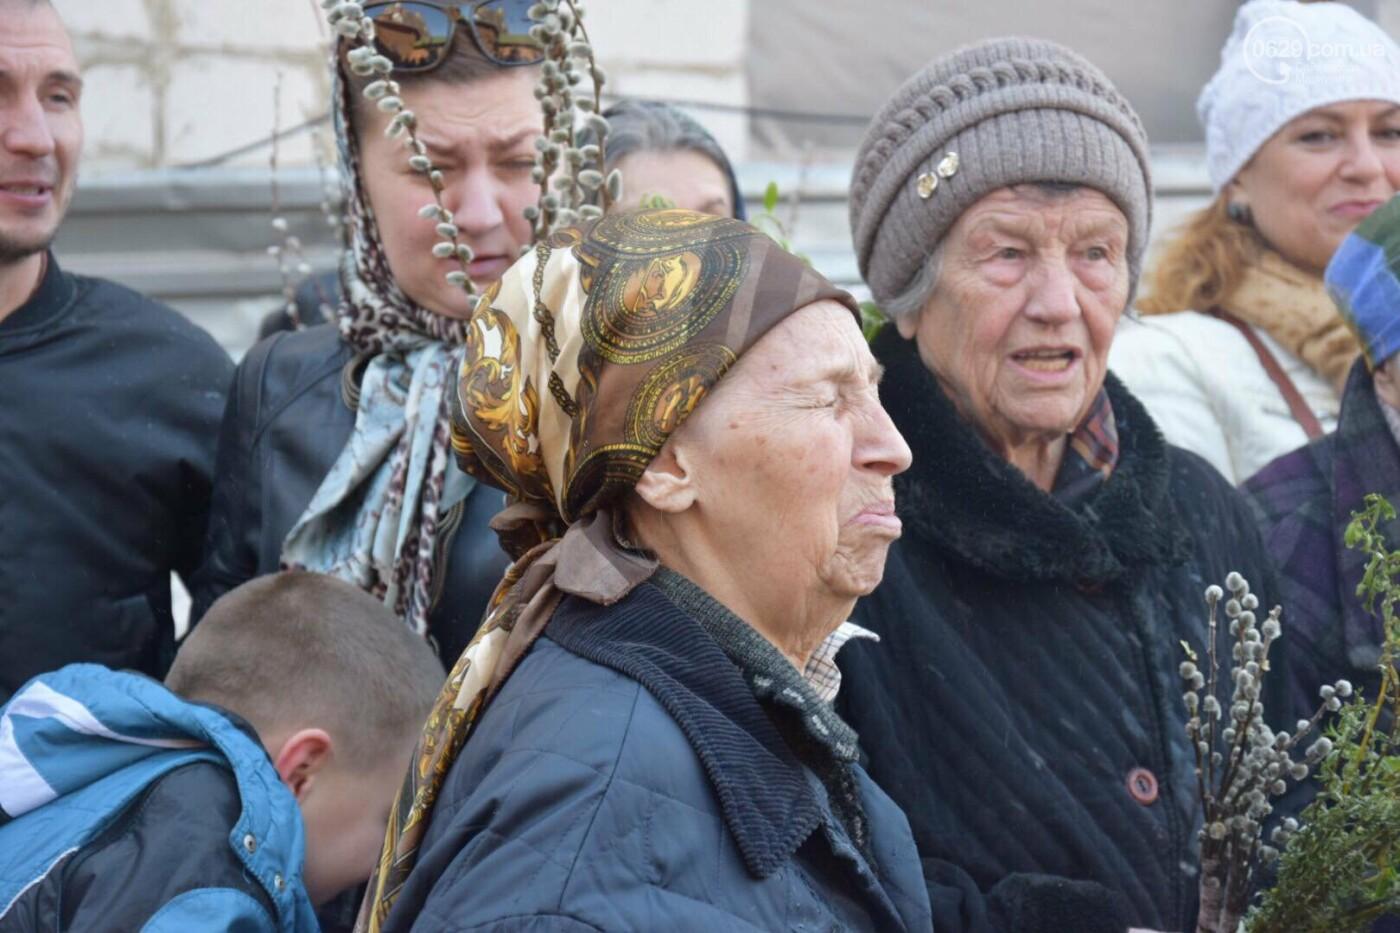 Выборы и верба: как Мариуполь празднует православный праздник, - ФОТОРЕПОРТАЖ, фото-5